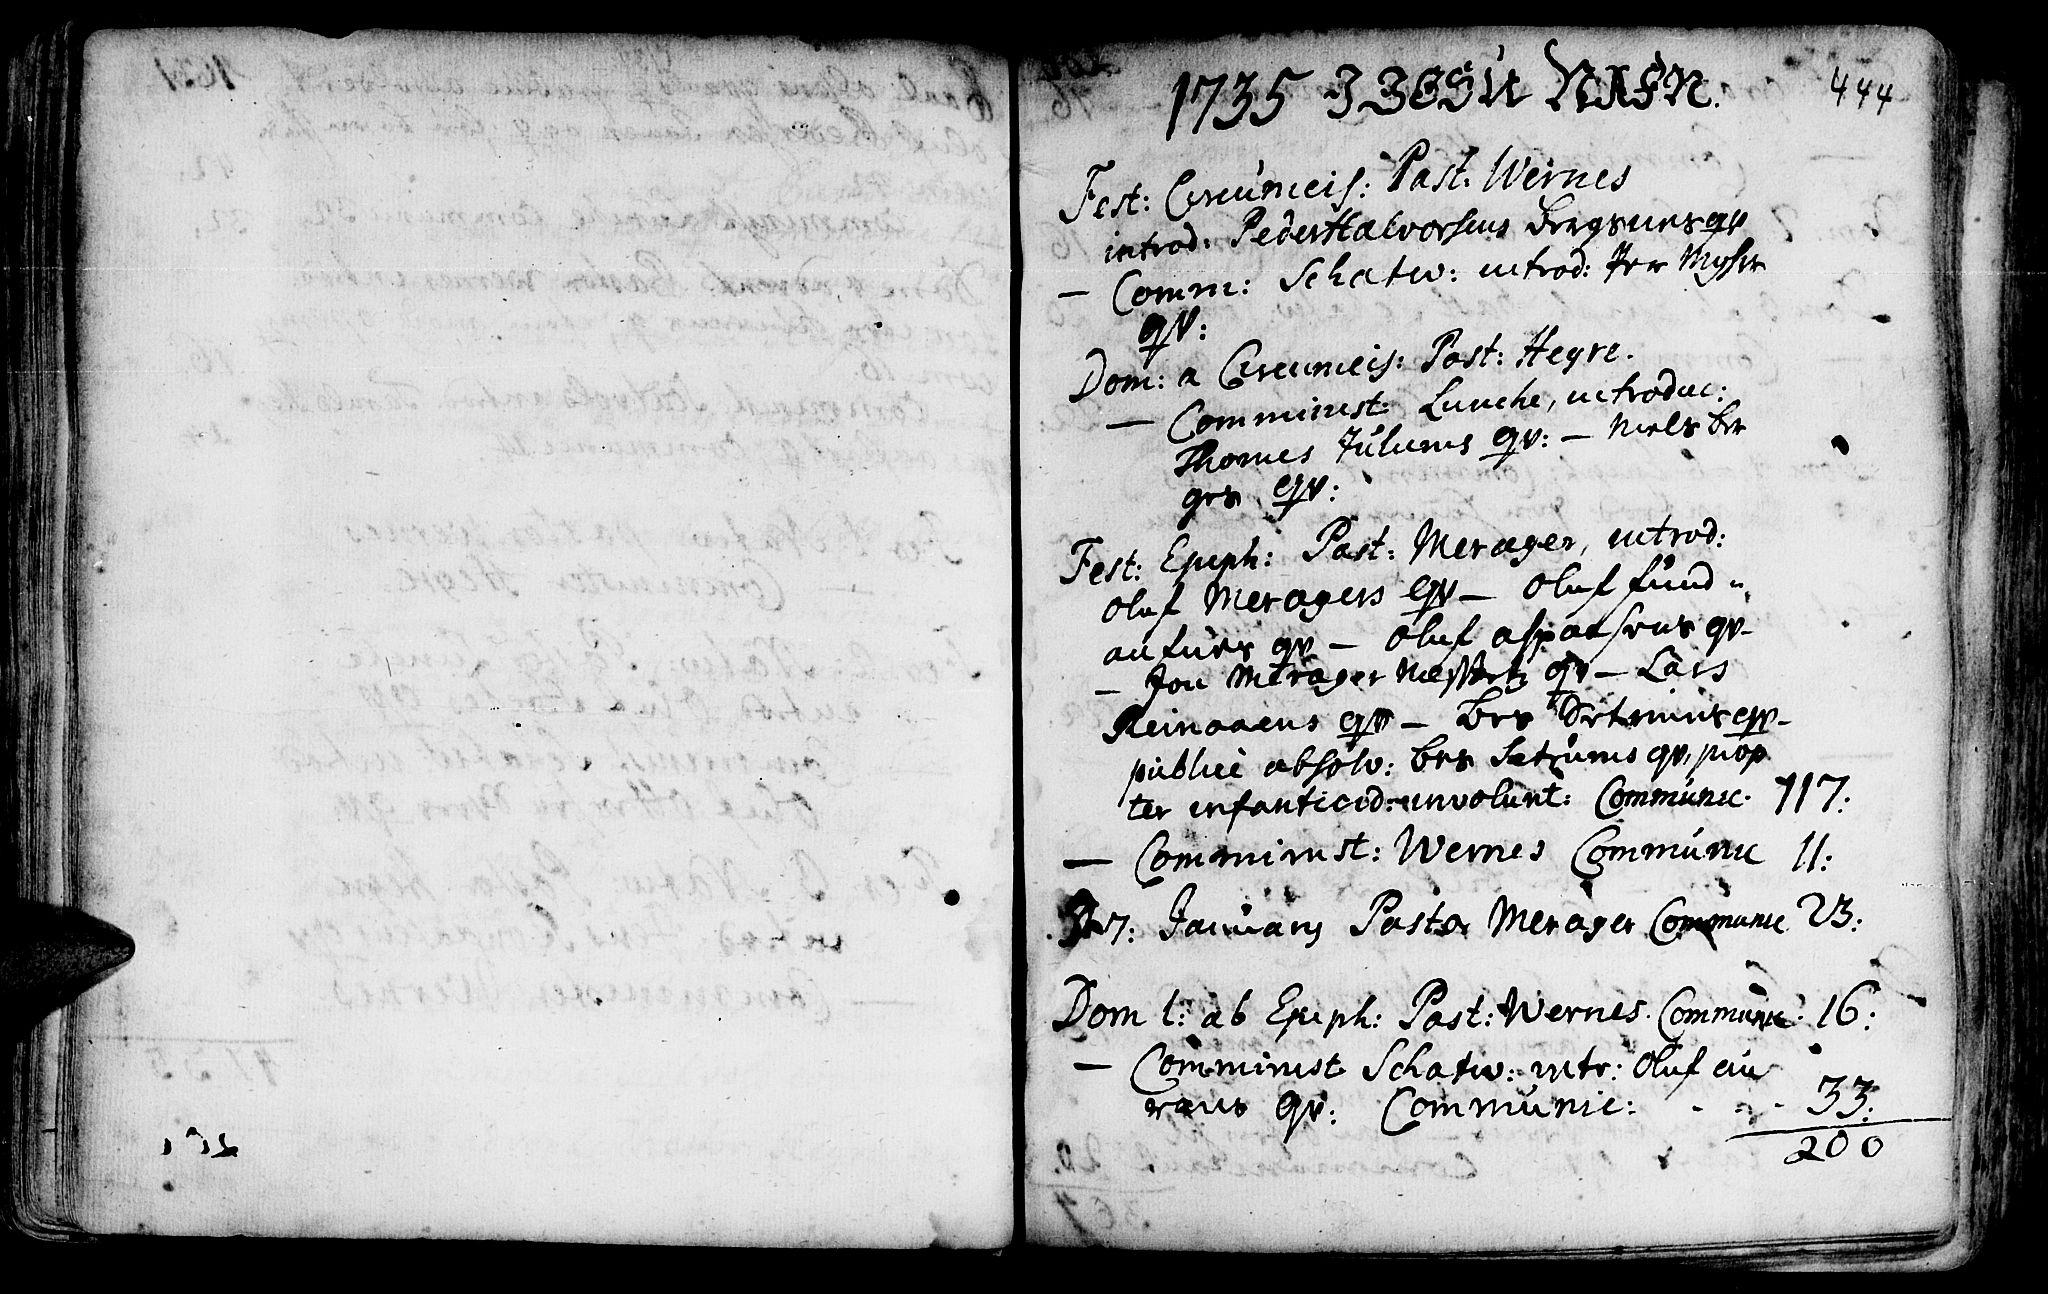 SAT, Ministerialprotokoller, klokkerbøker og fødselsregistre - Nord-Trøndelag, 709/L0054: Ministerialbok nr. 709A02, 1714-1738, s. 443-444